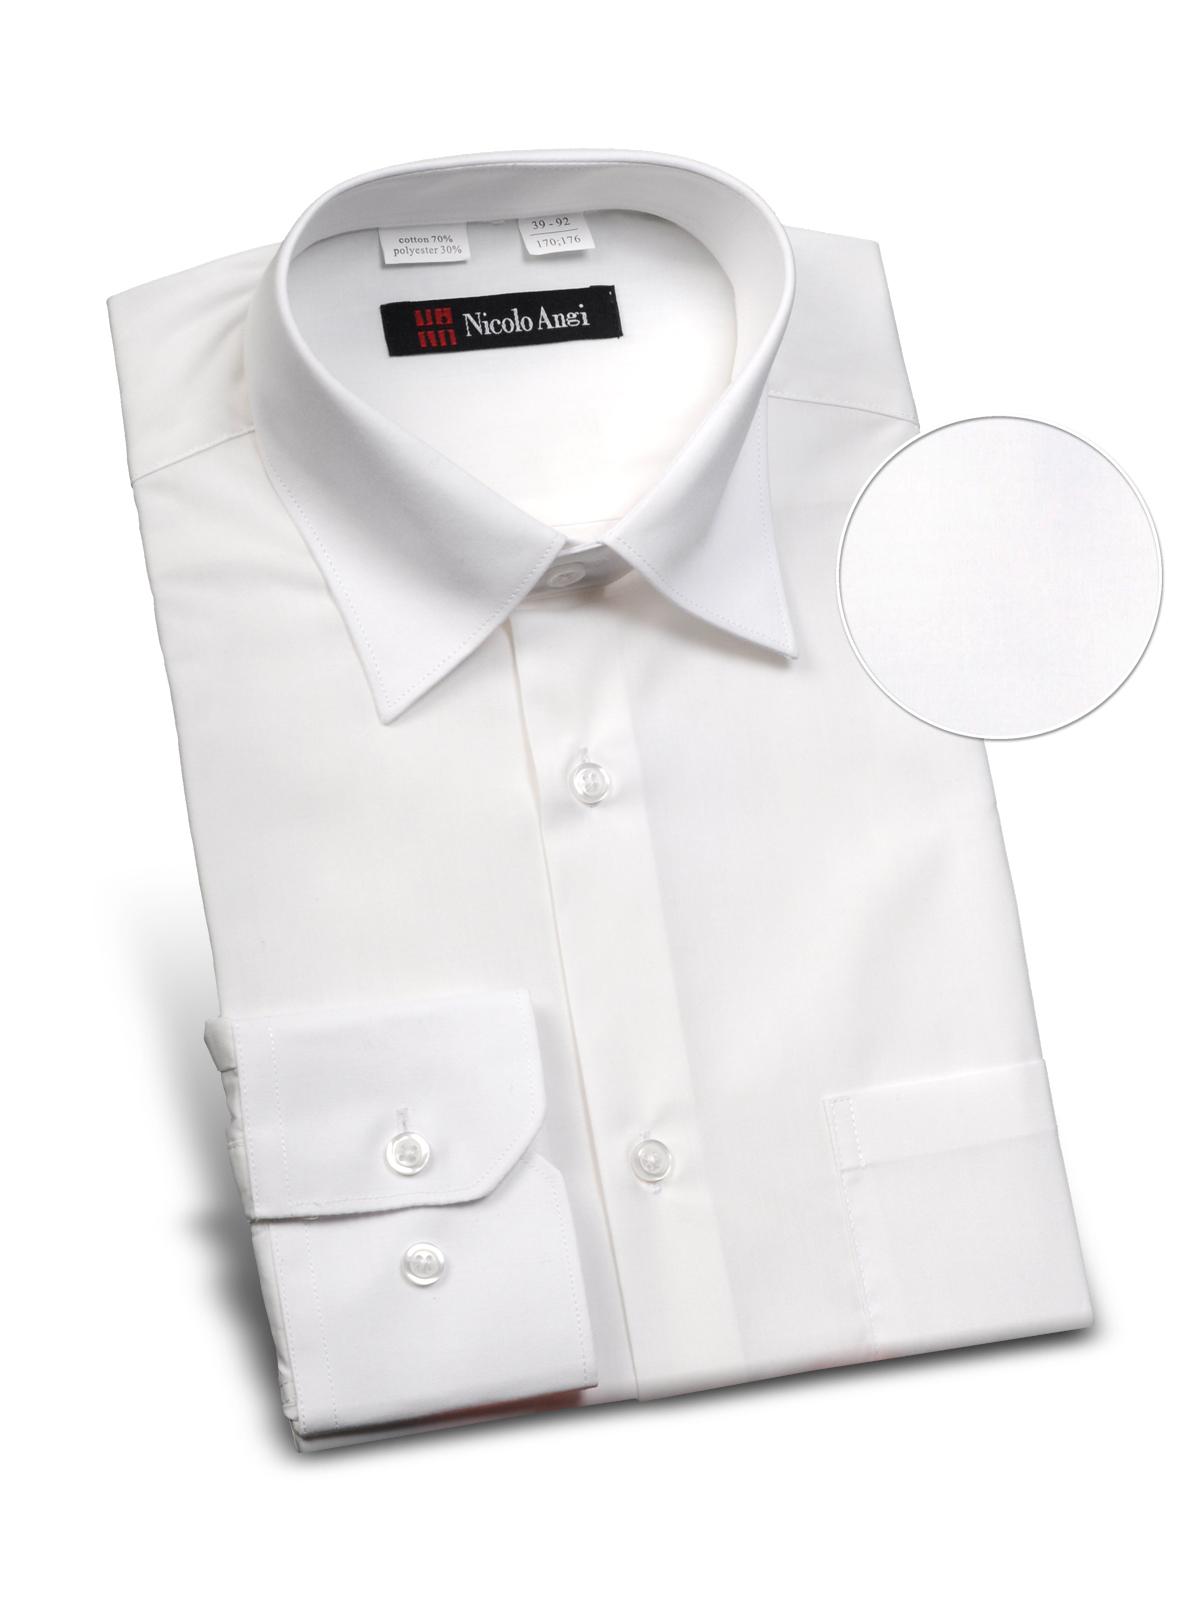 Рубашка мужская iv60708 костюм авангард спецодежда оптима р 112 116 рост 170 176 53365